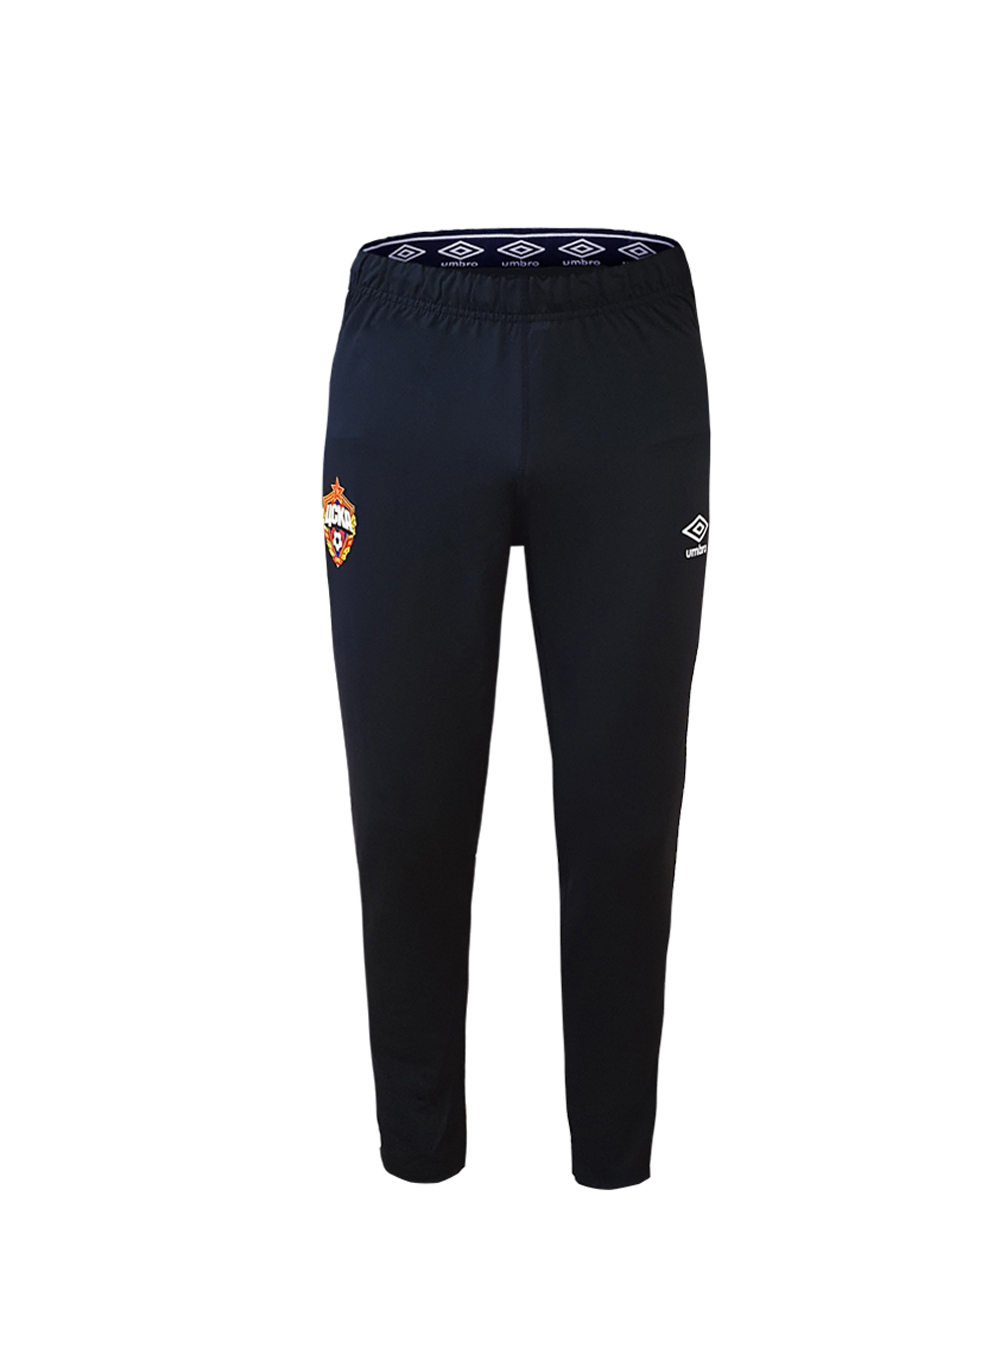 Купить Костюм тренировочный  (брюки зауженные), черный/белый (L) по Нижнему Новгороду